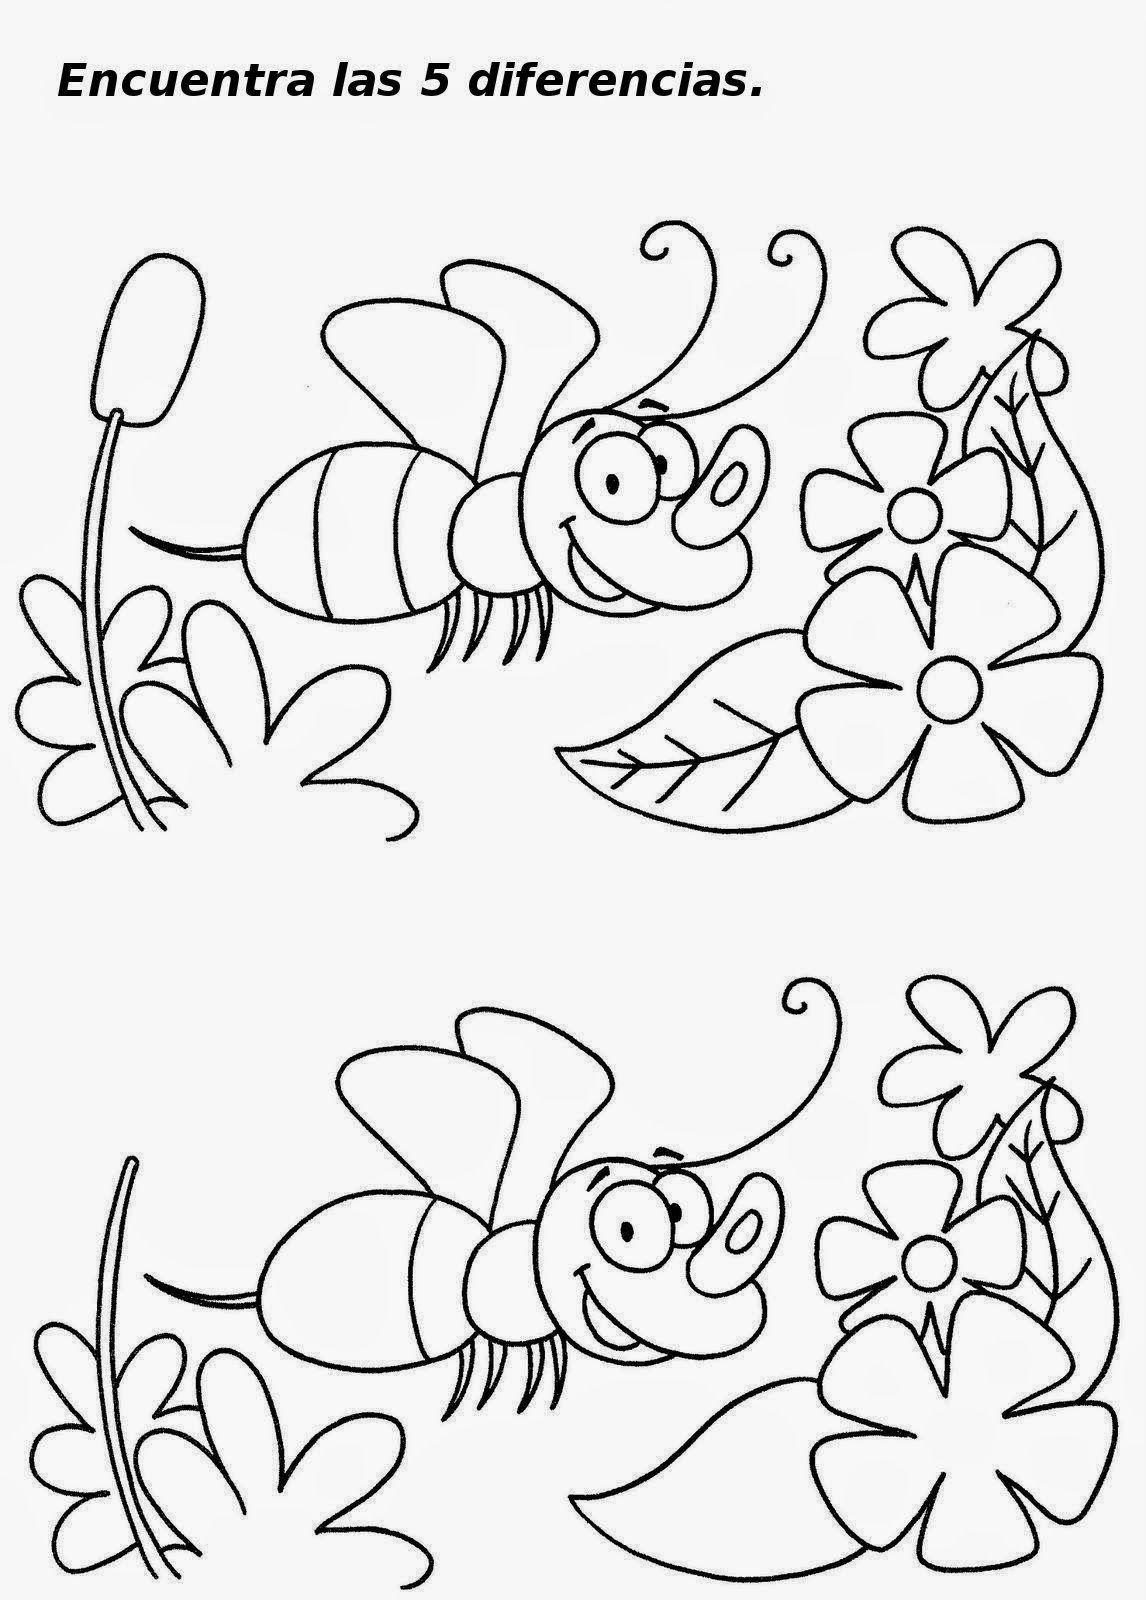 Comprueba Tu Capacidad De Atencion Y Busca Las Diferencias En Estos Dibujos Que Te Dejo Buscar Diferencias Fichas Juegos De Diferencias